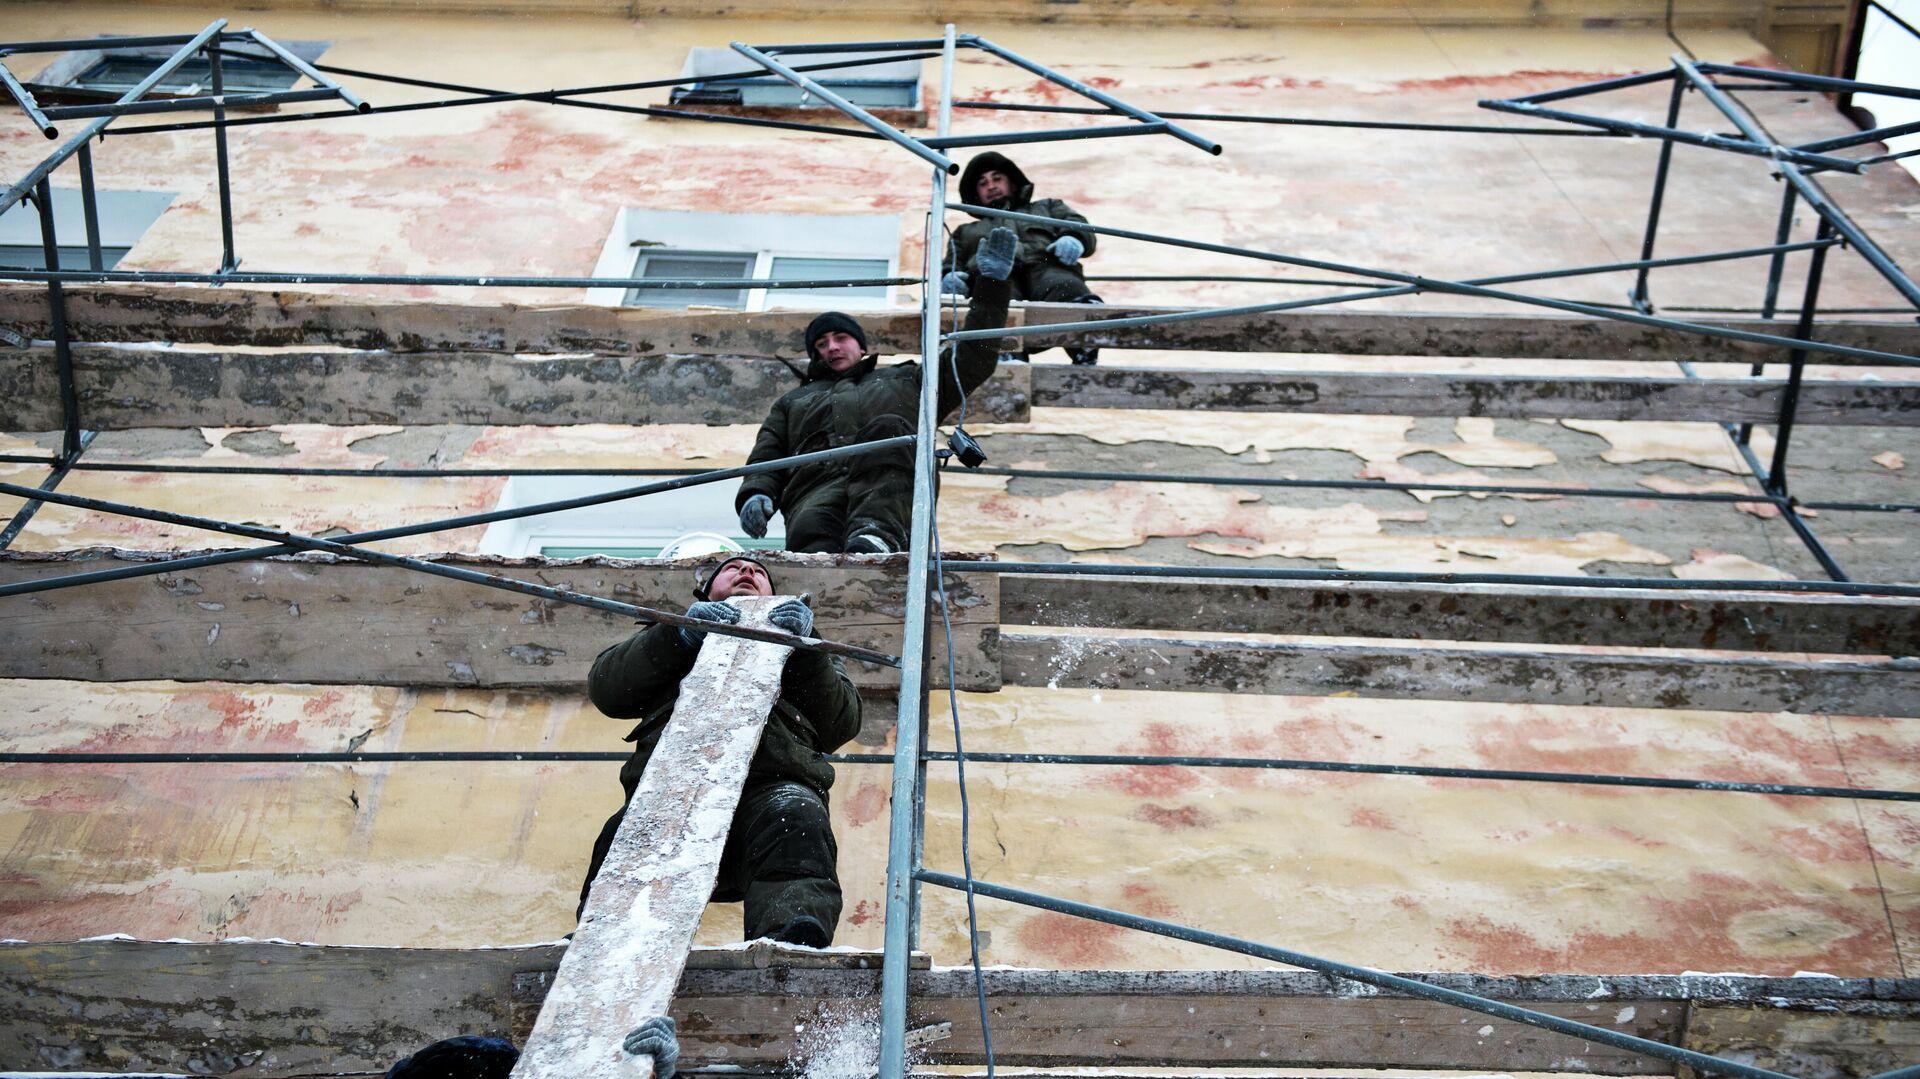 Капитальный ремонт жилья в Омске - РИА Новости, 1920, 27.05.2021